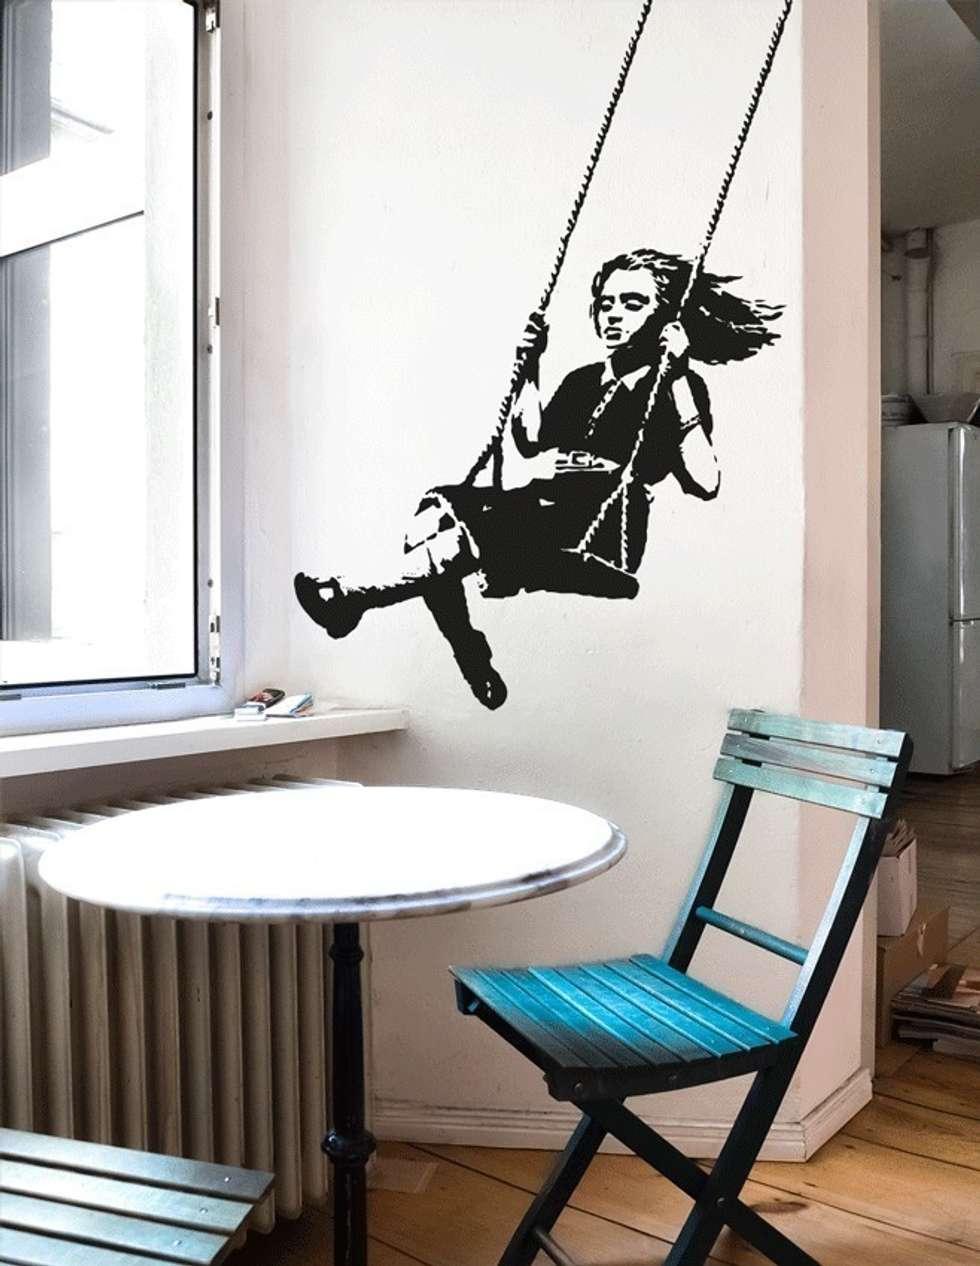 Verschiedene Wandtattoo Berlin Referenz Von Banksy Girl On A Swing Streetart Wandtattoo: